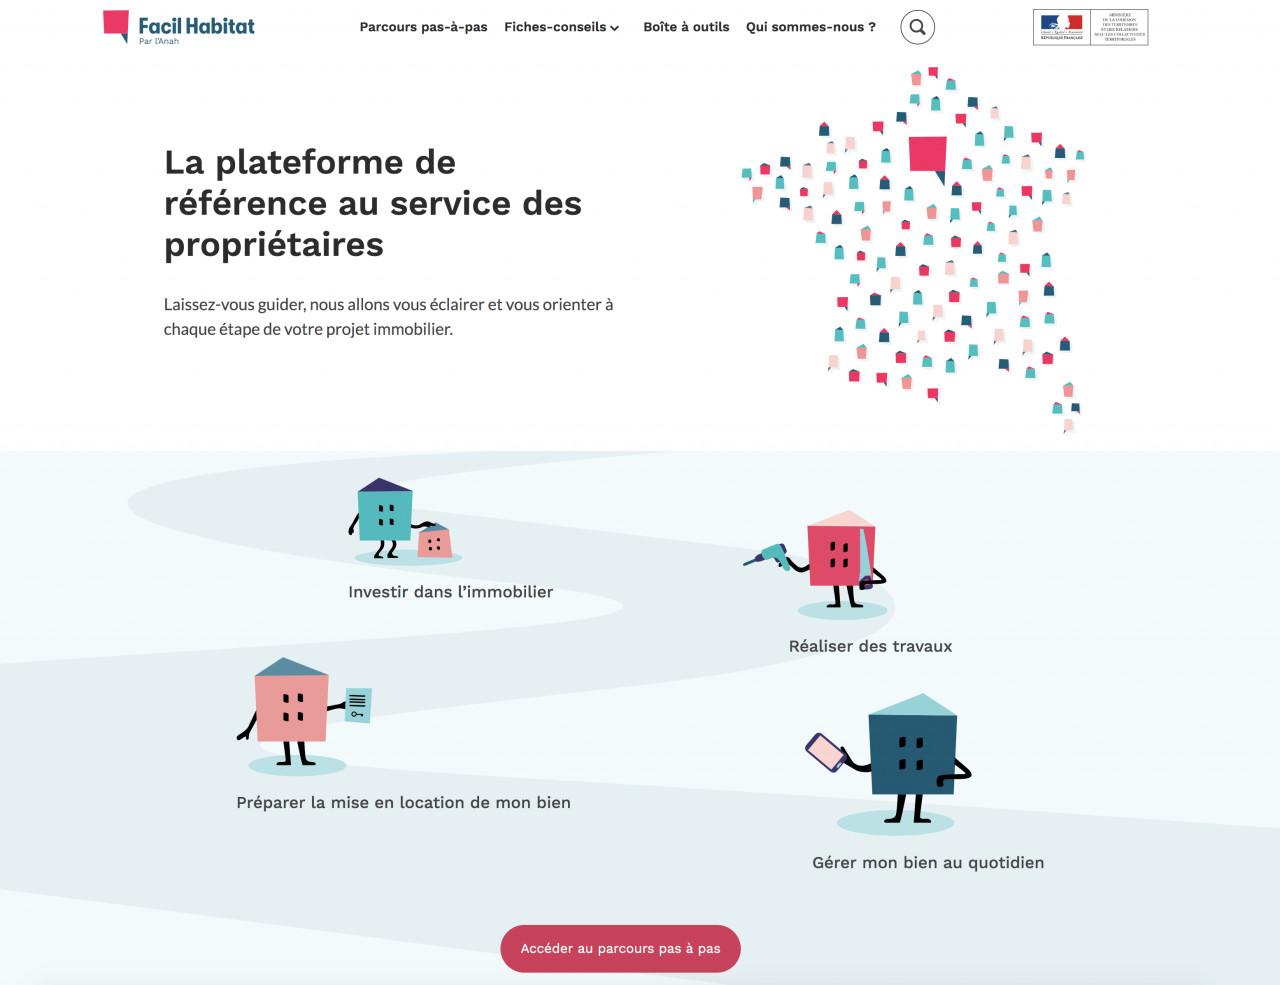 Facilhabitat.gouv.fr accompagne les propriétaires dans leurs démarches